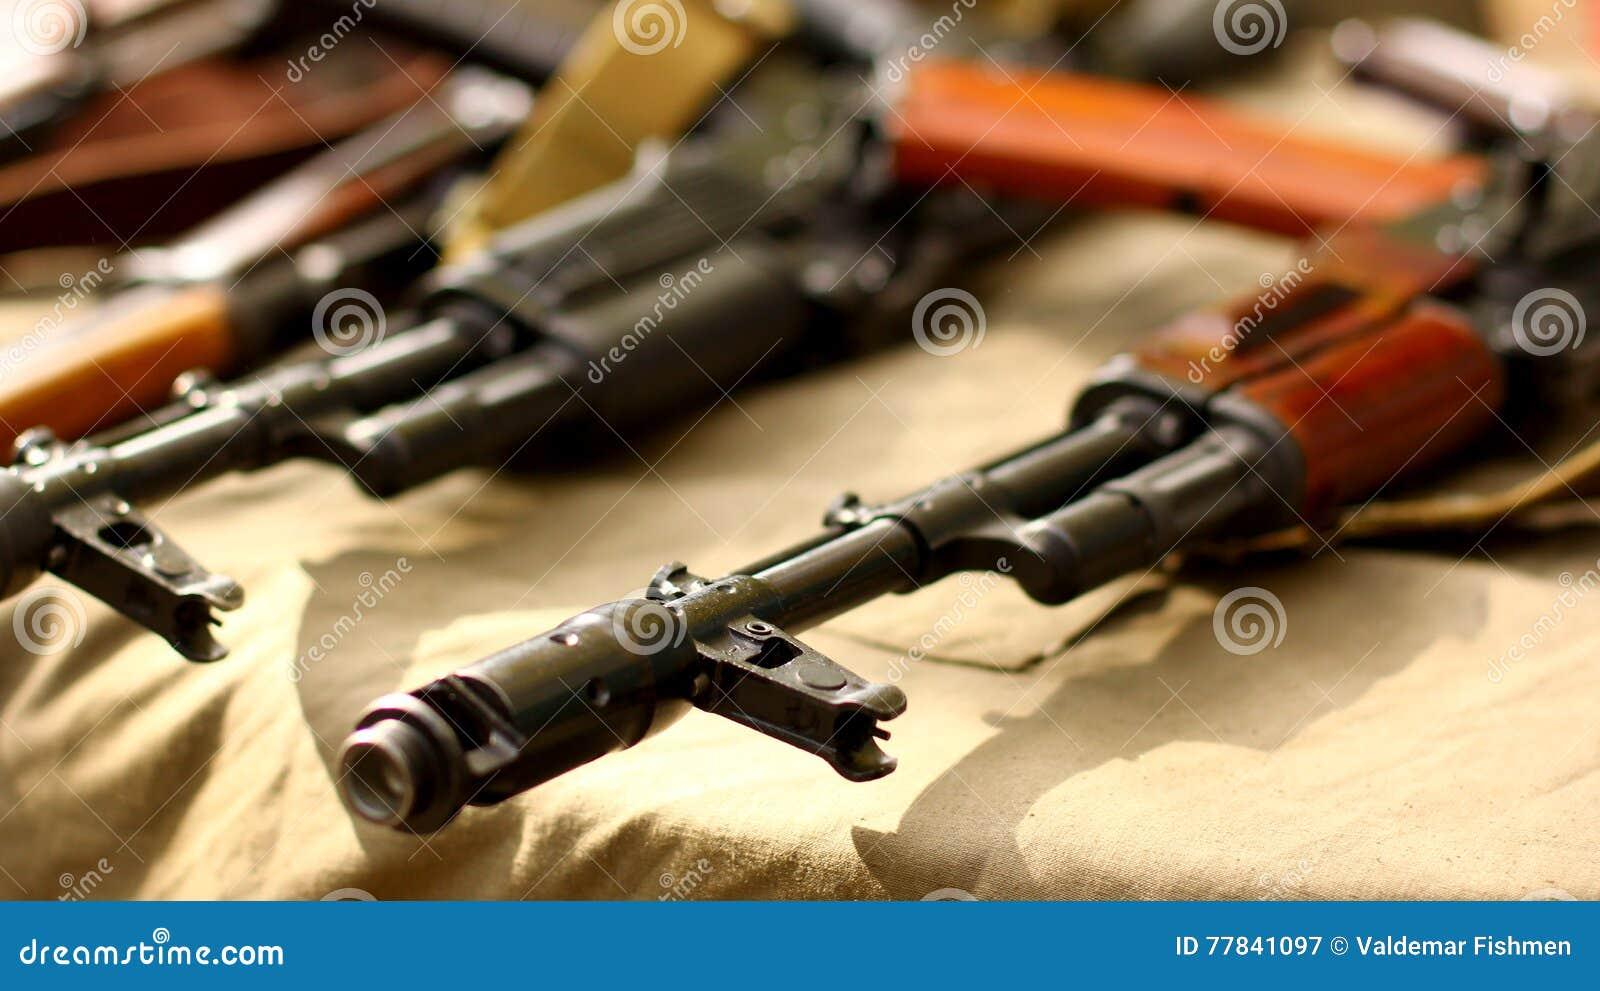 Τρομοκρατικών όπλων στρατιωτικό backgroundAK-47 τουφέκι πυροβόλων όπλων καλάζνικοφ ρωσικό αυτόματο